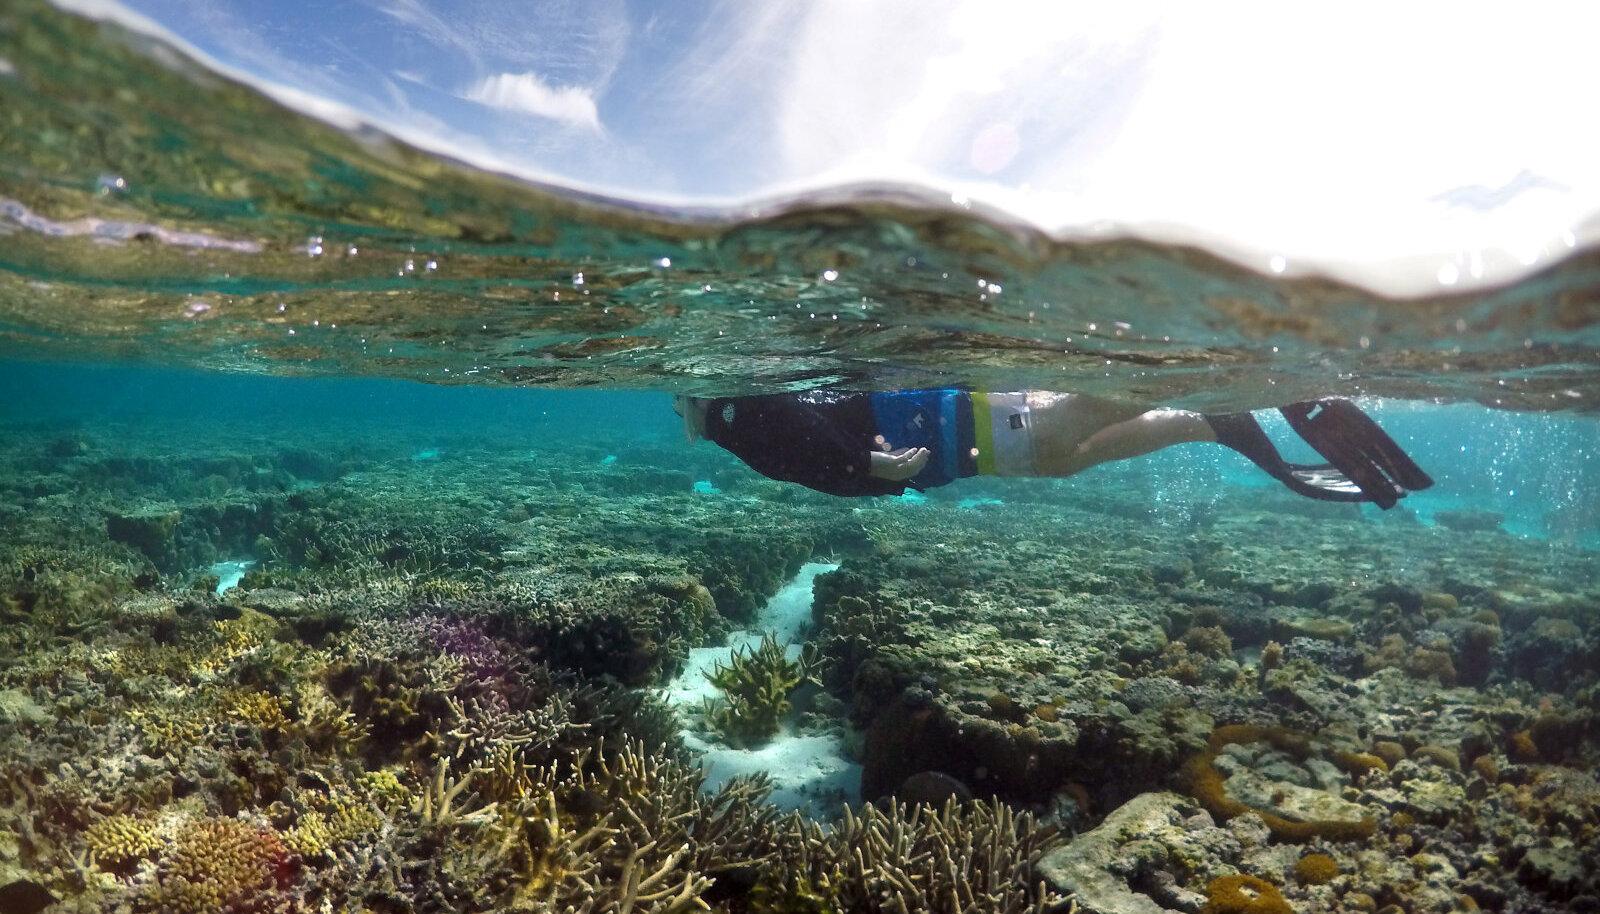 Snorgeldaja Queenslandi lähistel Suure Vallrahu kohal meres.